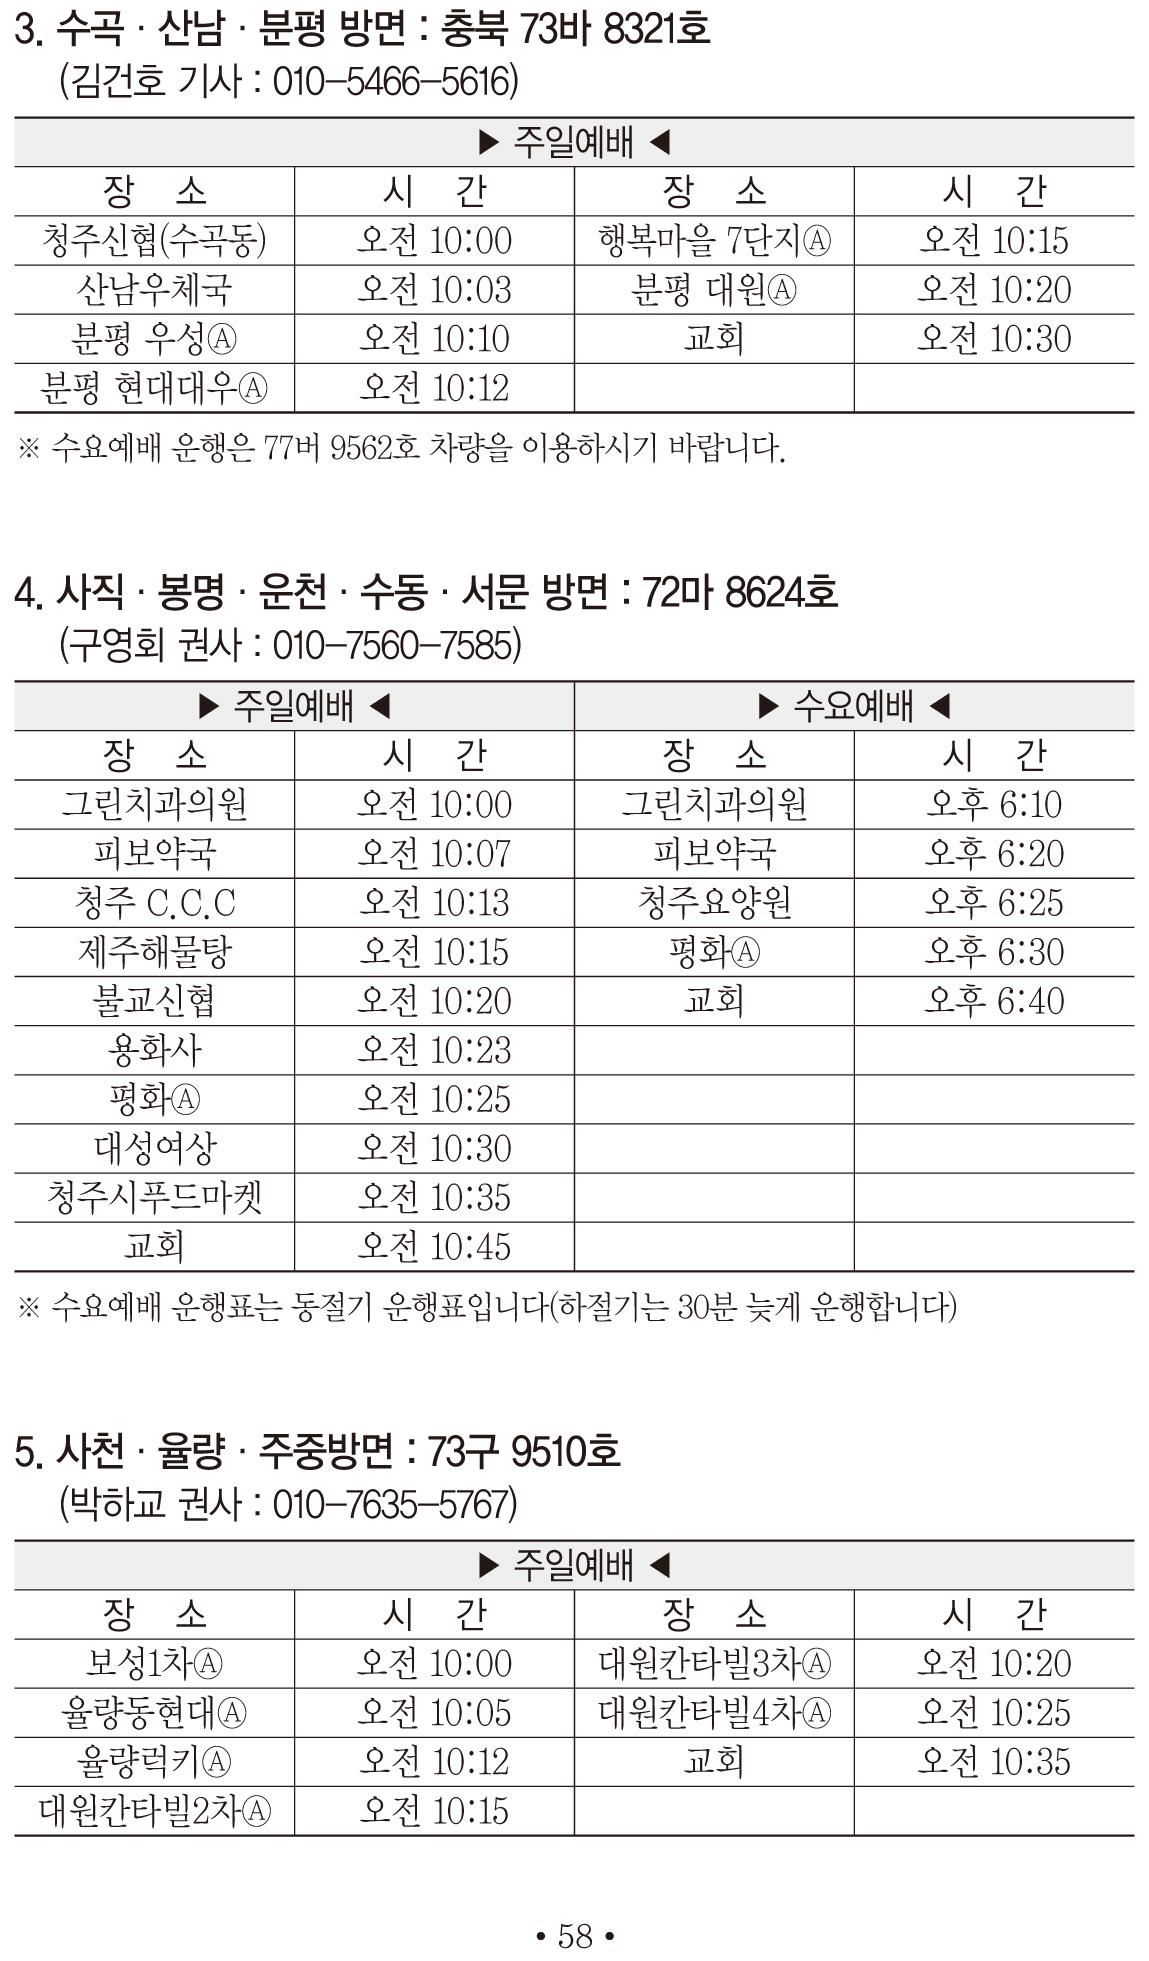 (2018)제일요람-내지최종완-58.jpg